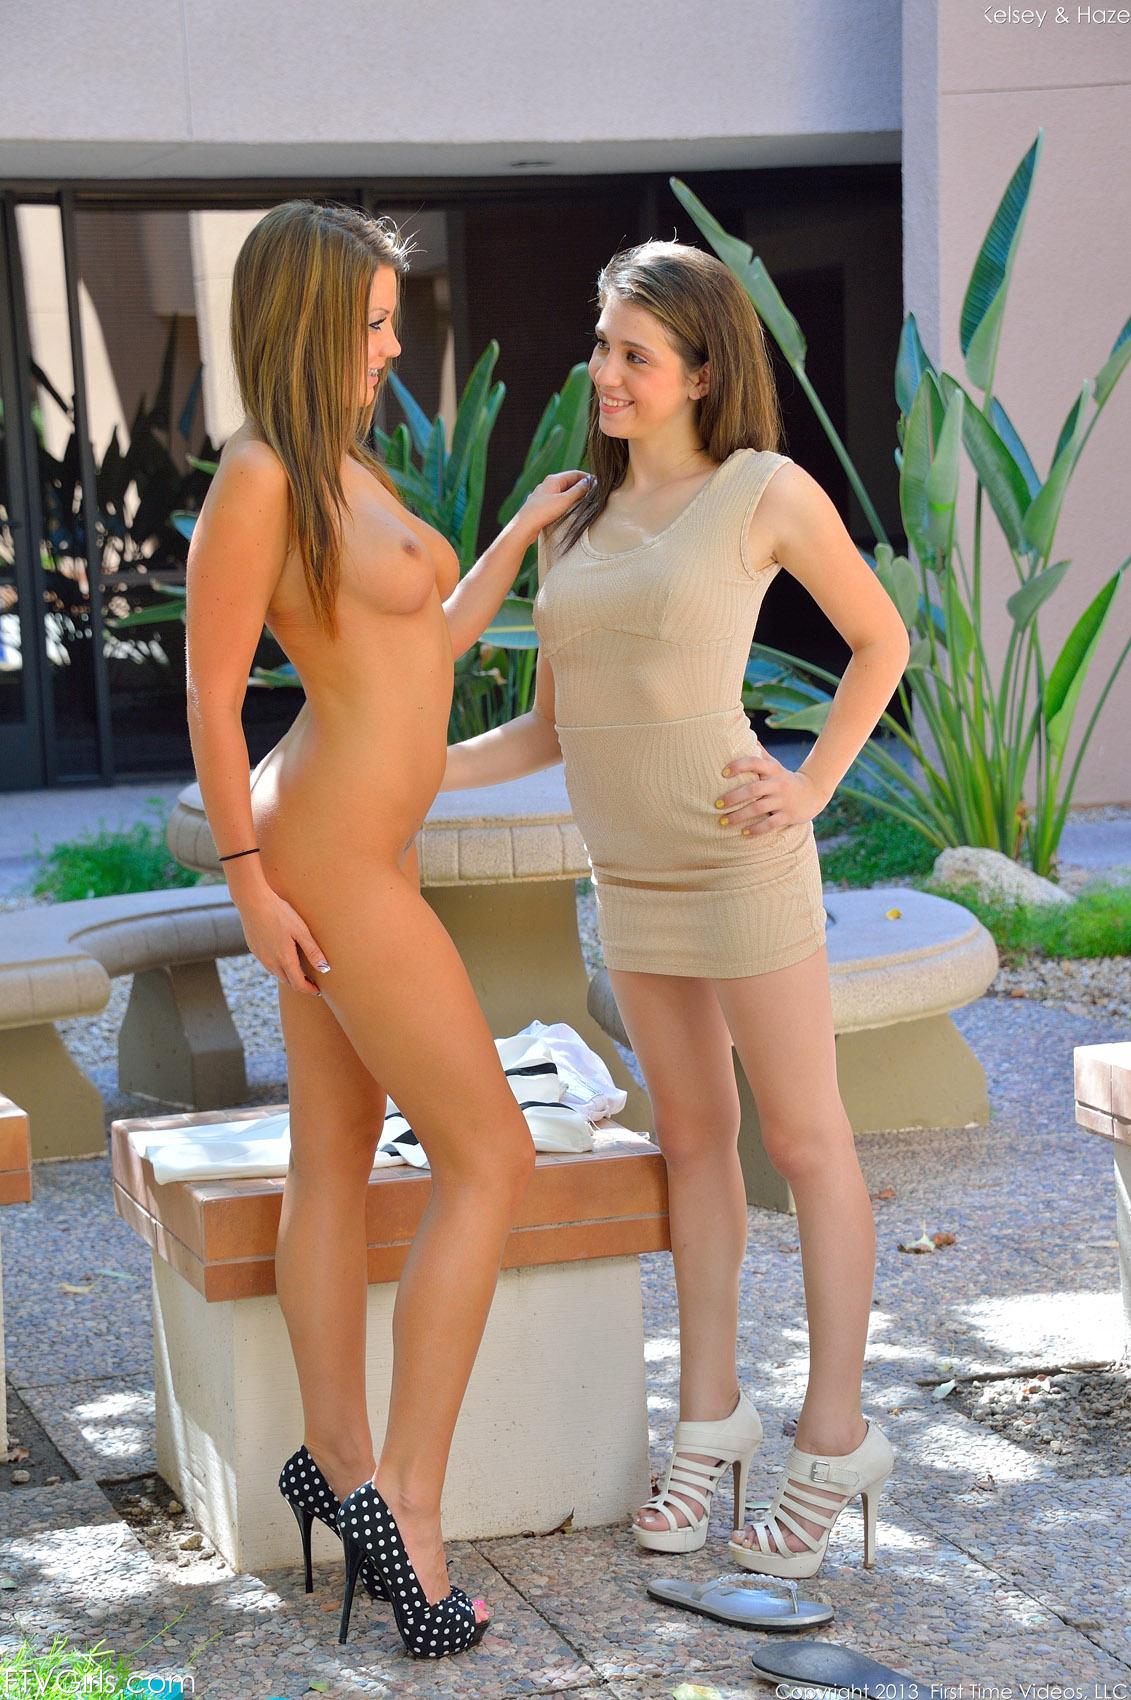 Dana deleany naked